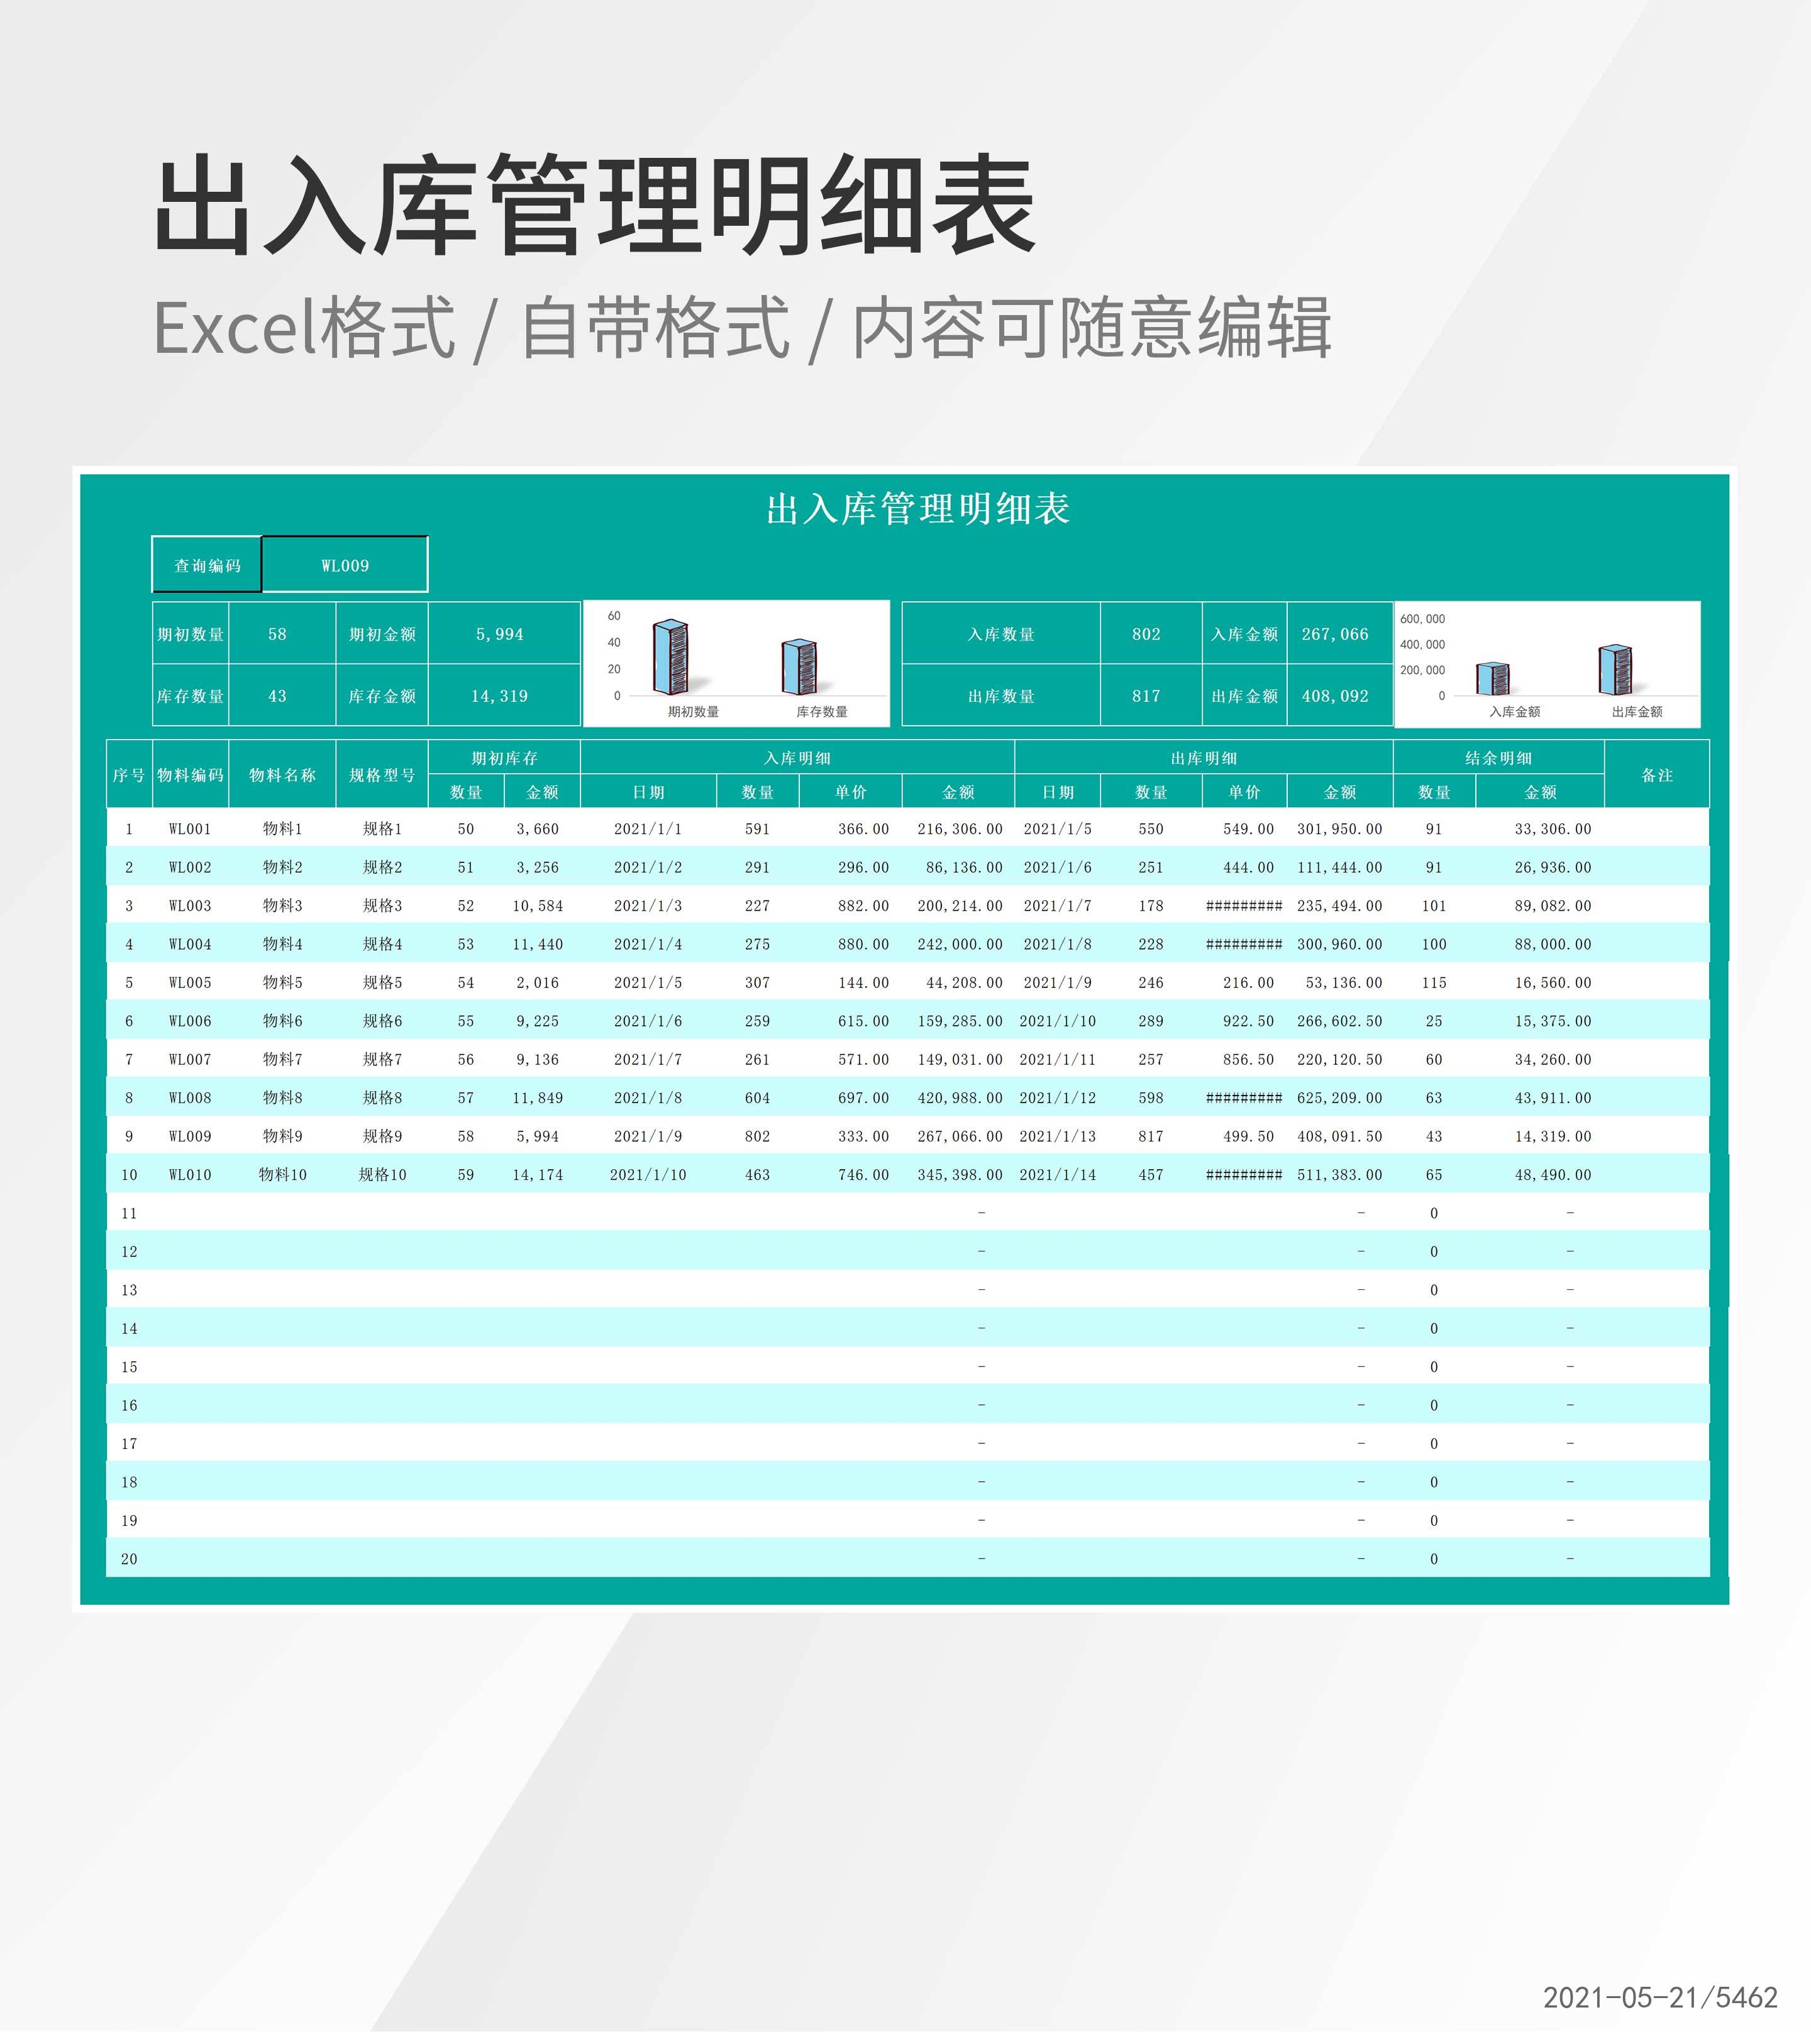 库房物料出入库管理明细表Excel模板